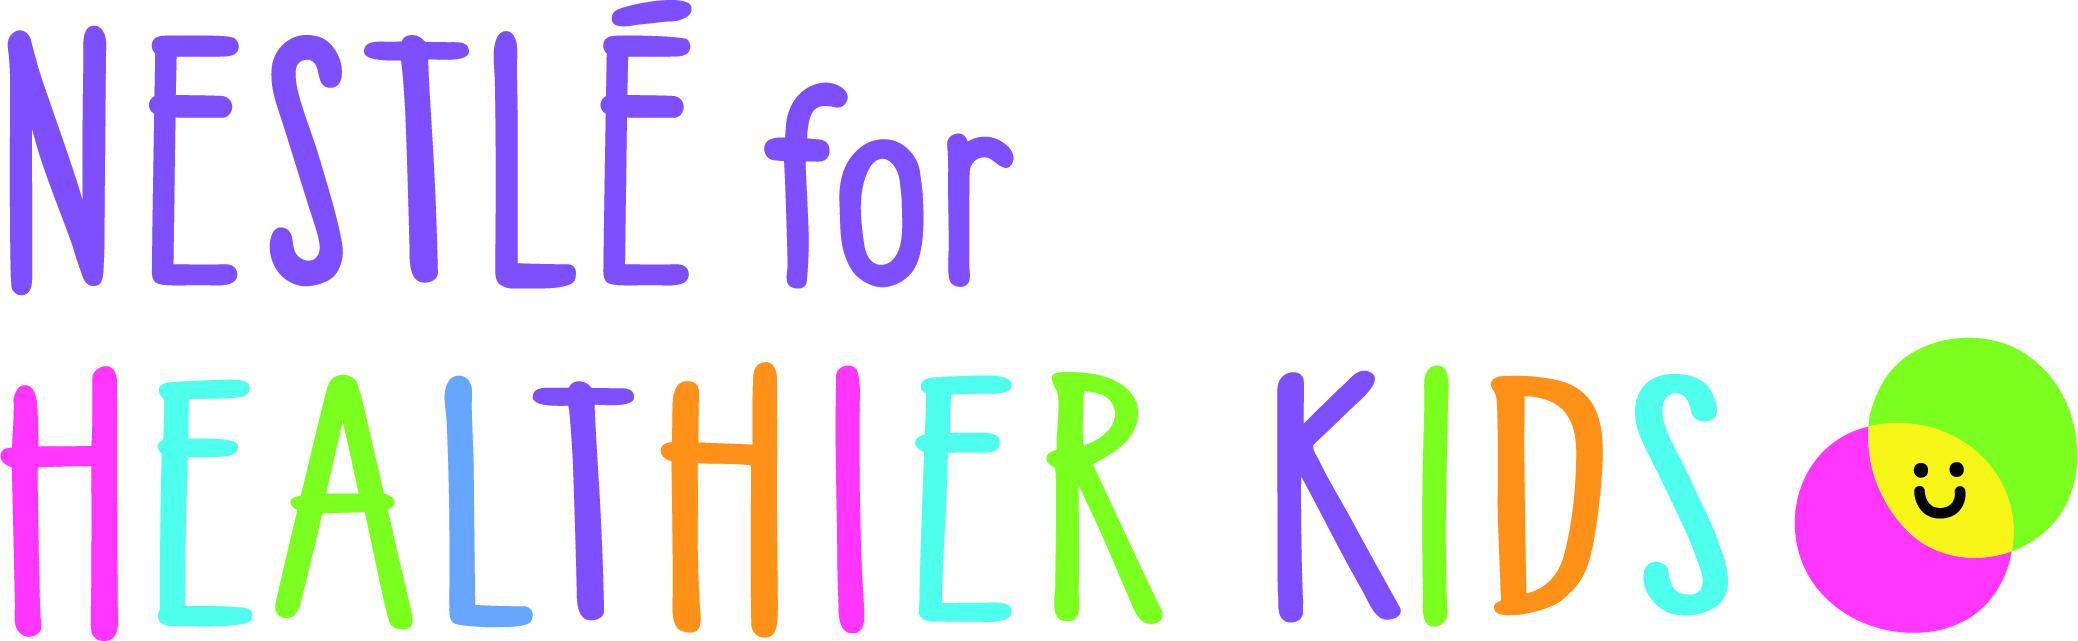 Νestle for healthier kids